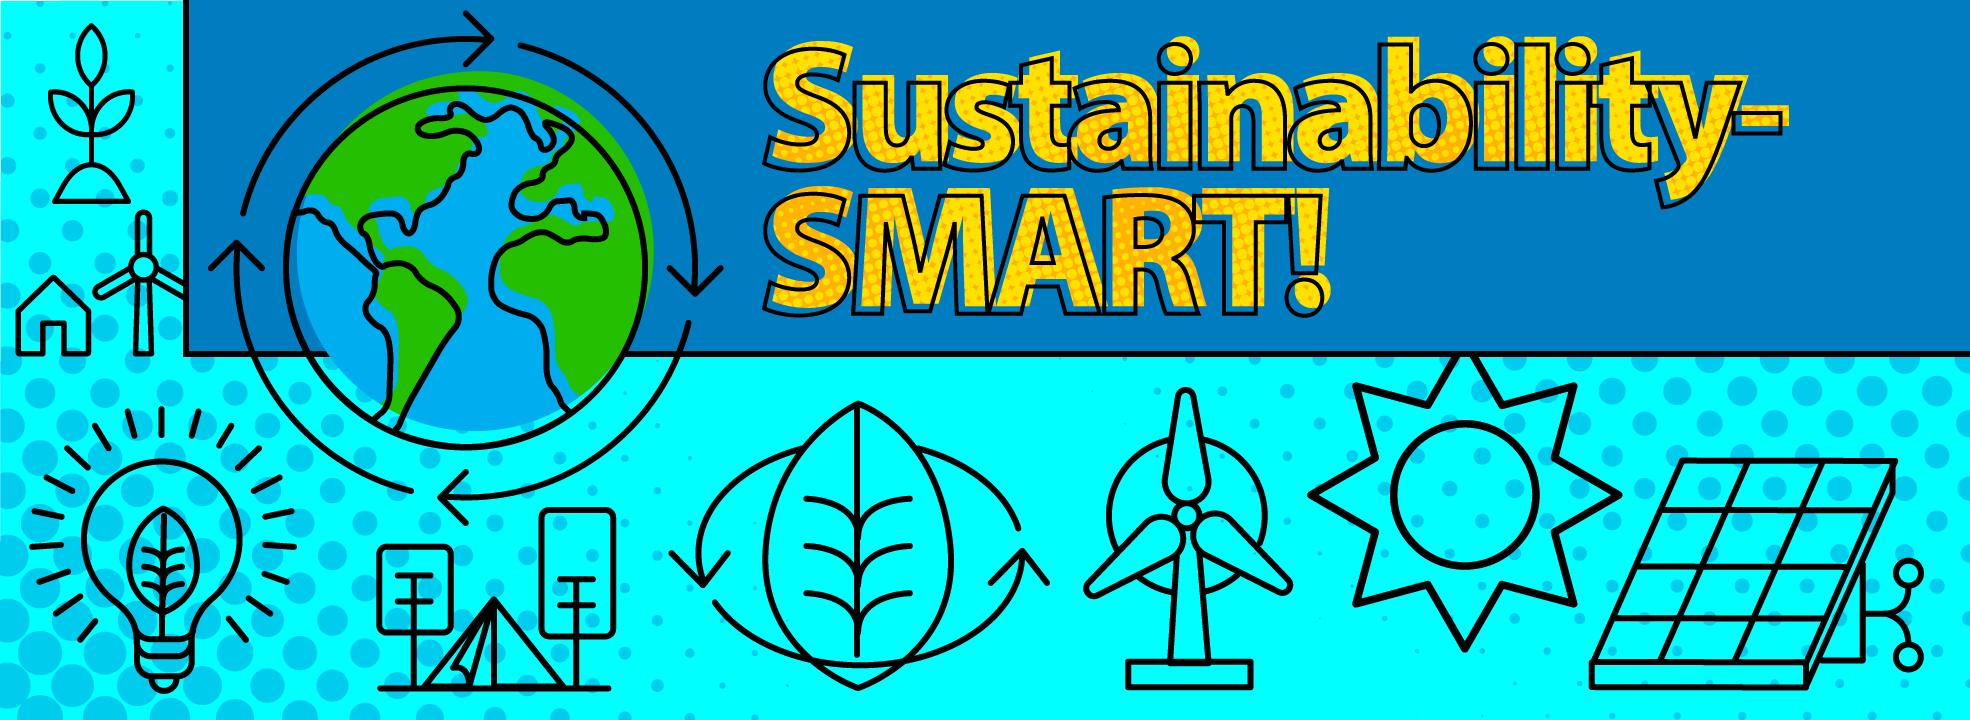 66610 Sustainability SMART landing bnr 1970x720